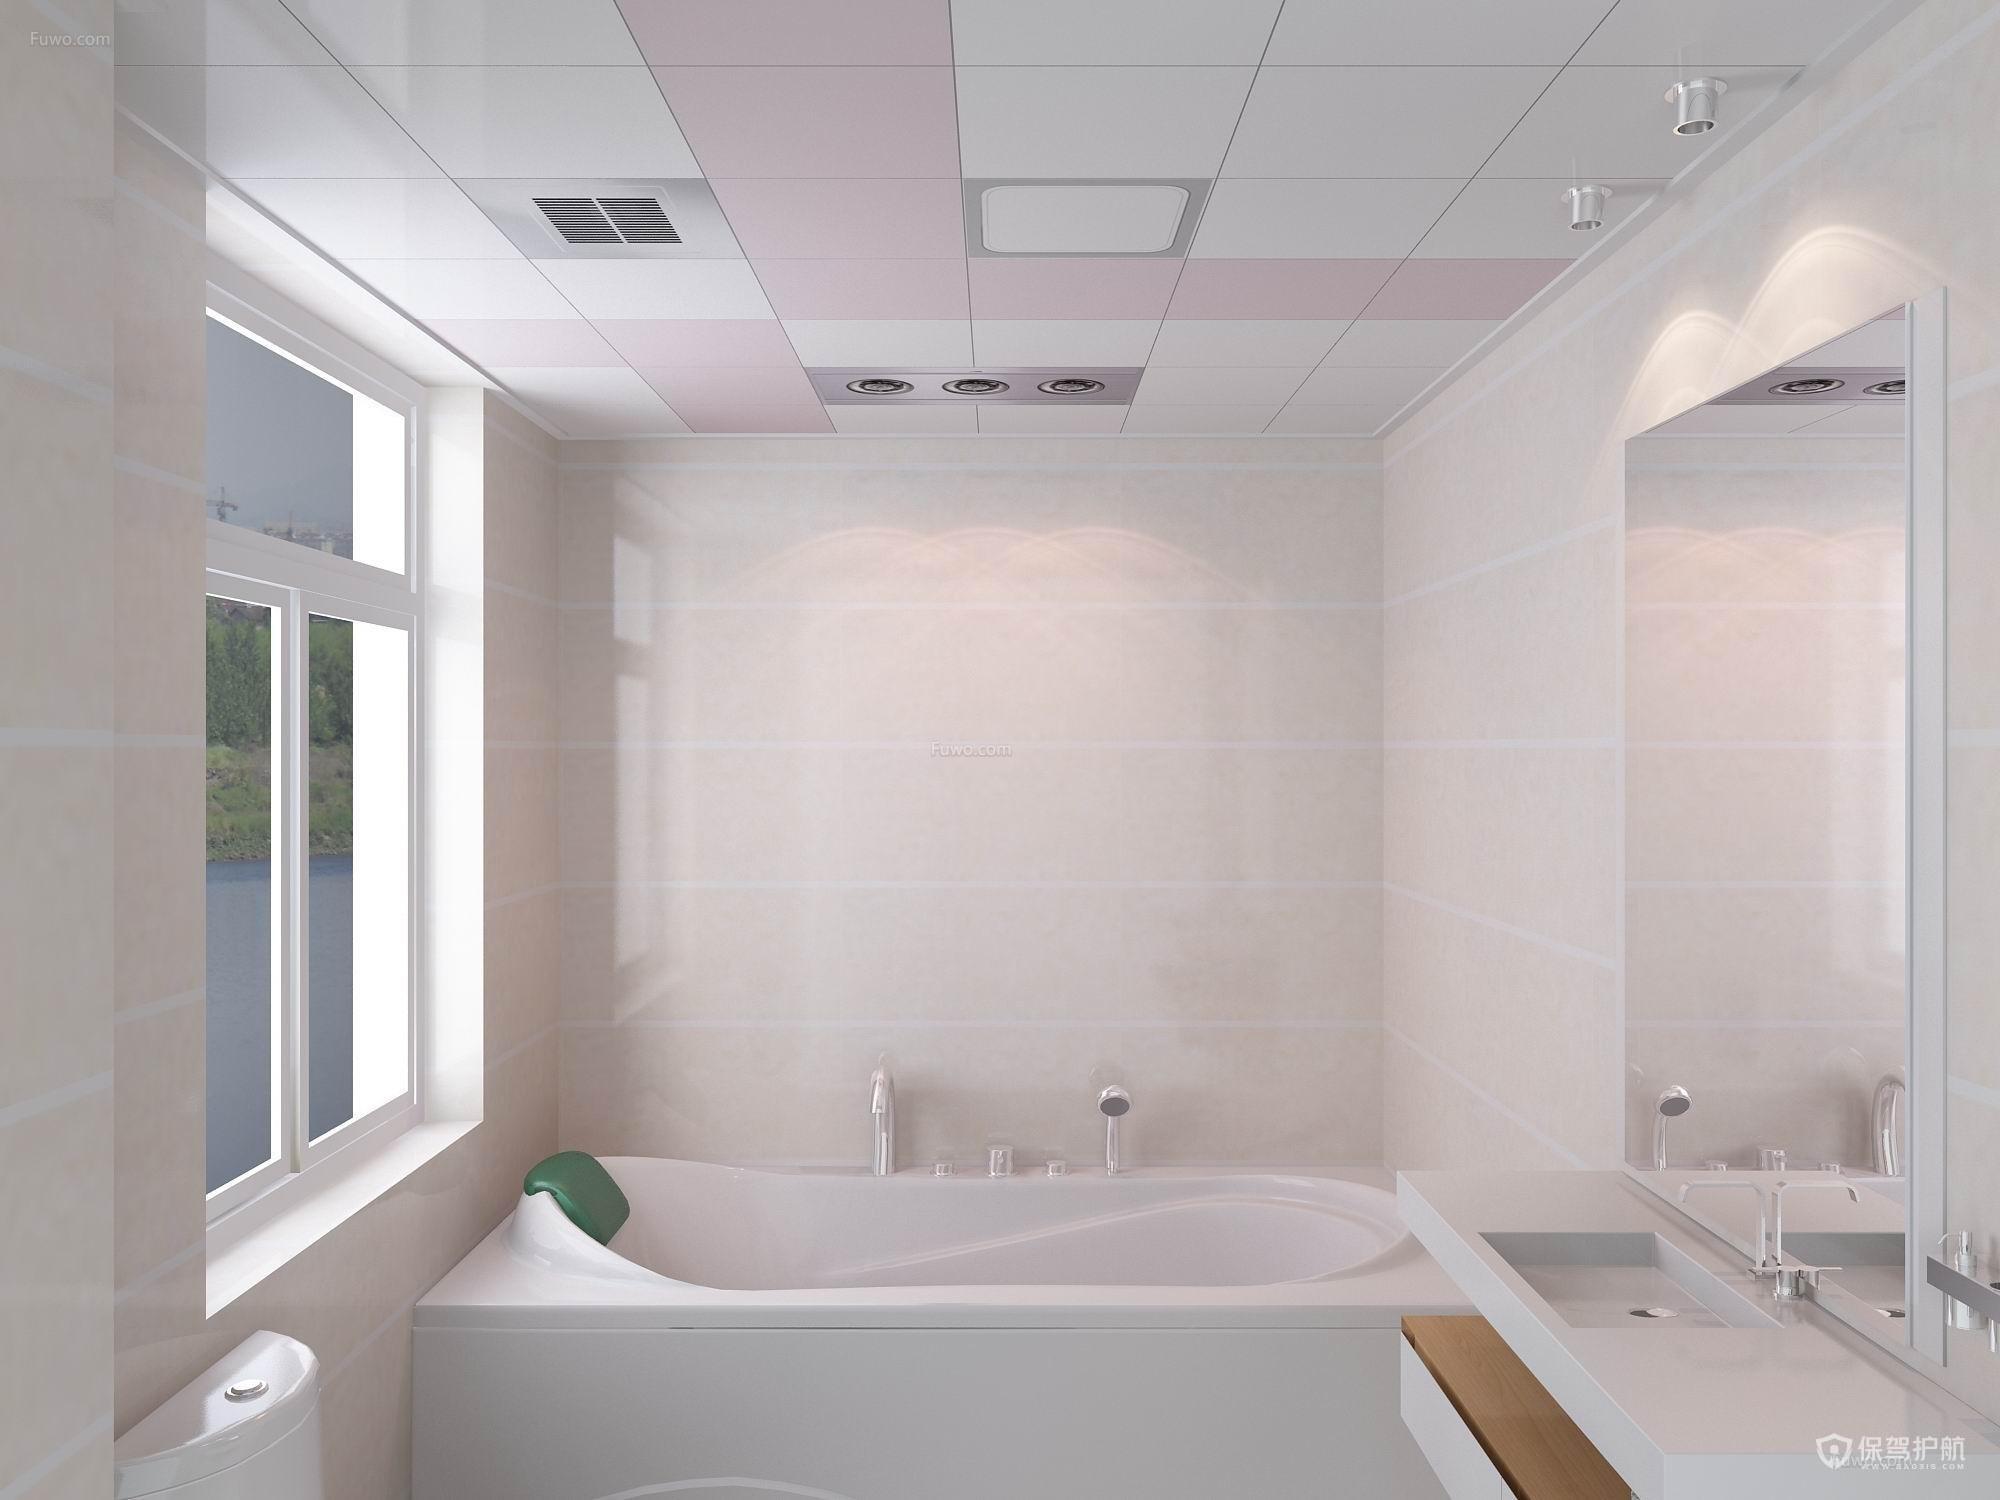 卫生间铝板吊顶是什么?都有哪些尺寸?有什么优点?